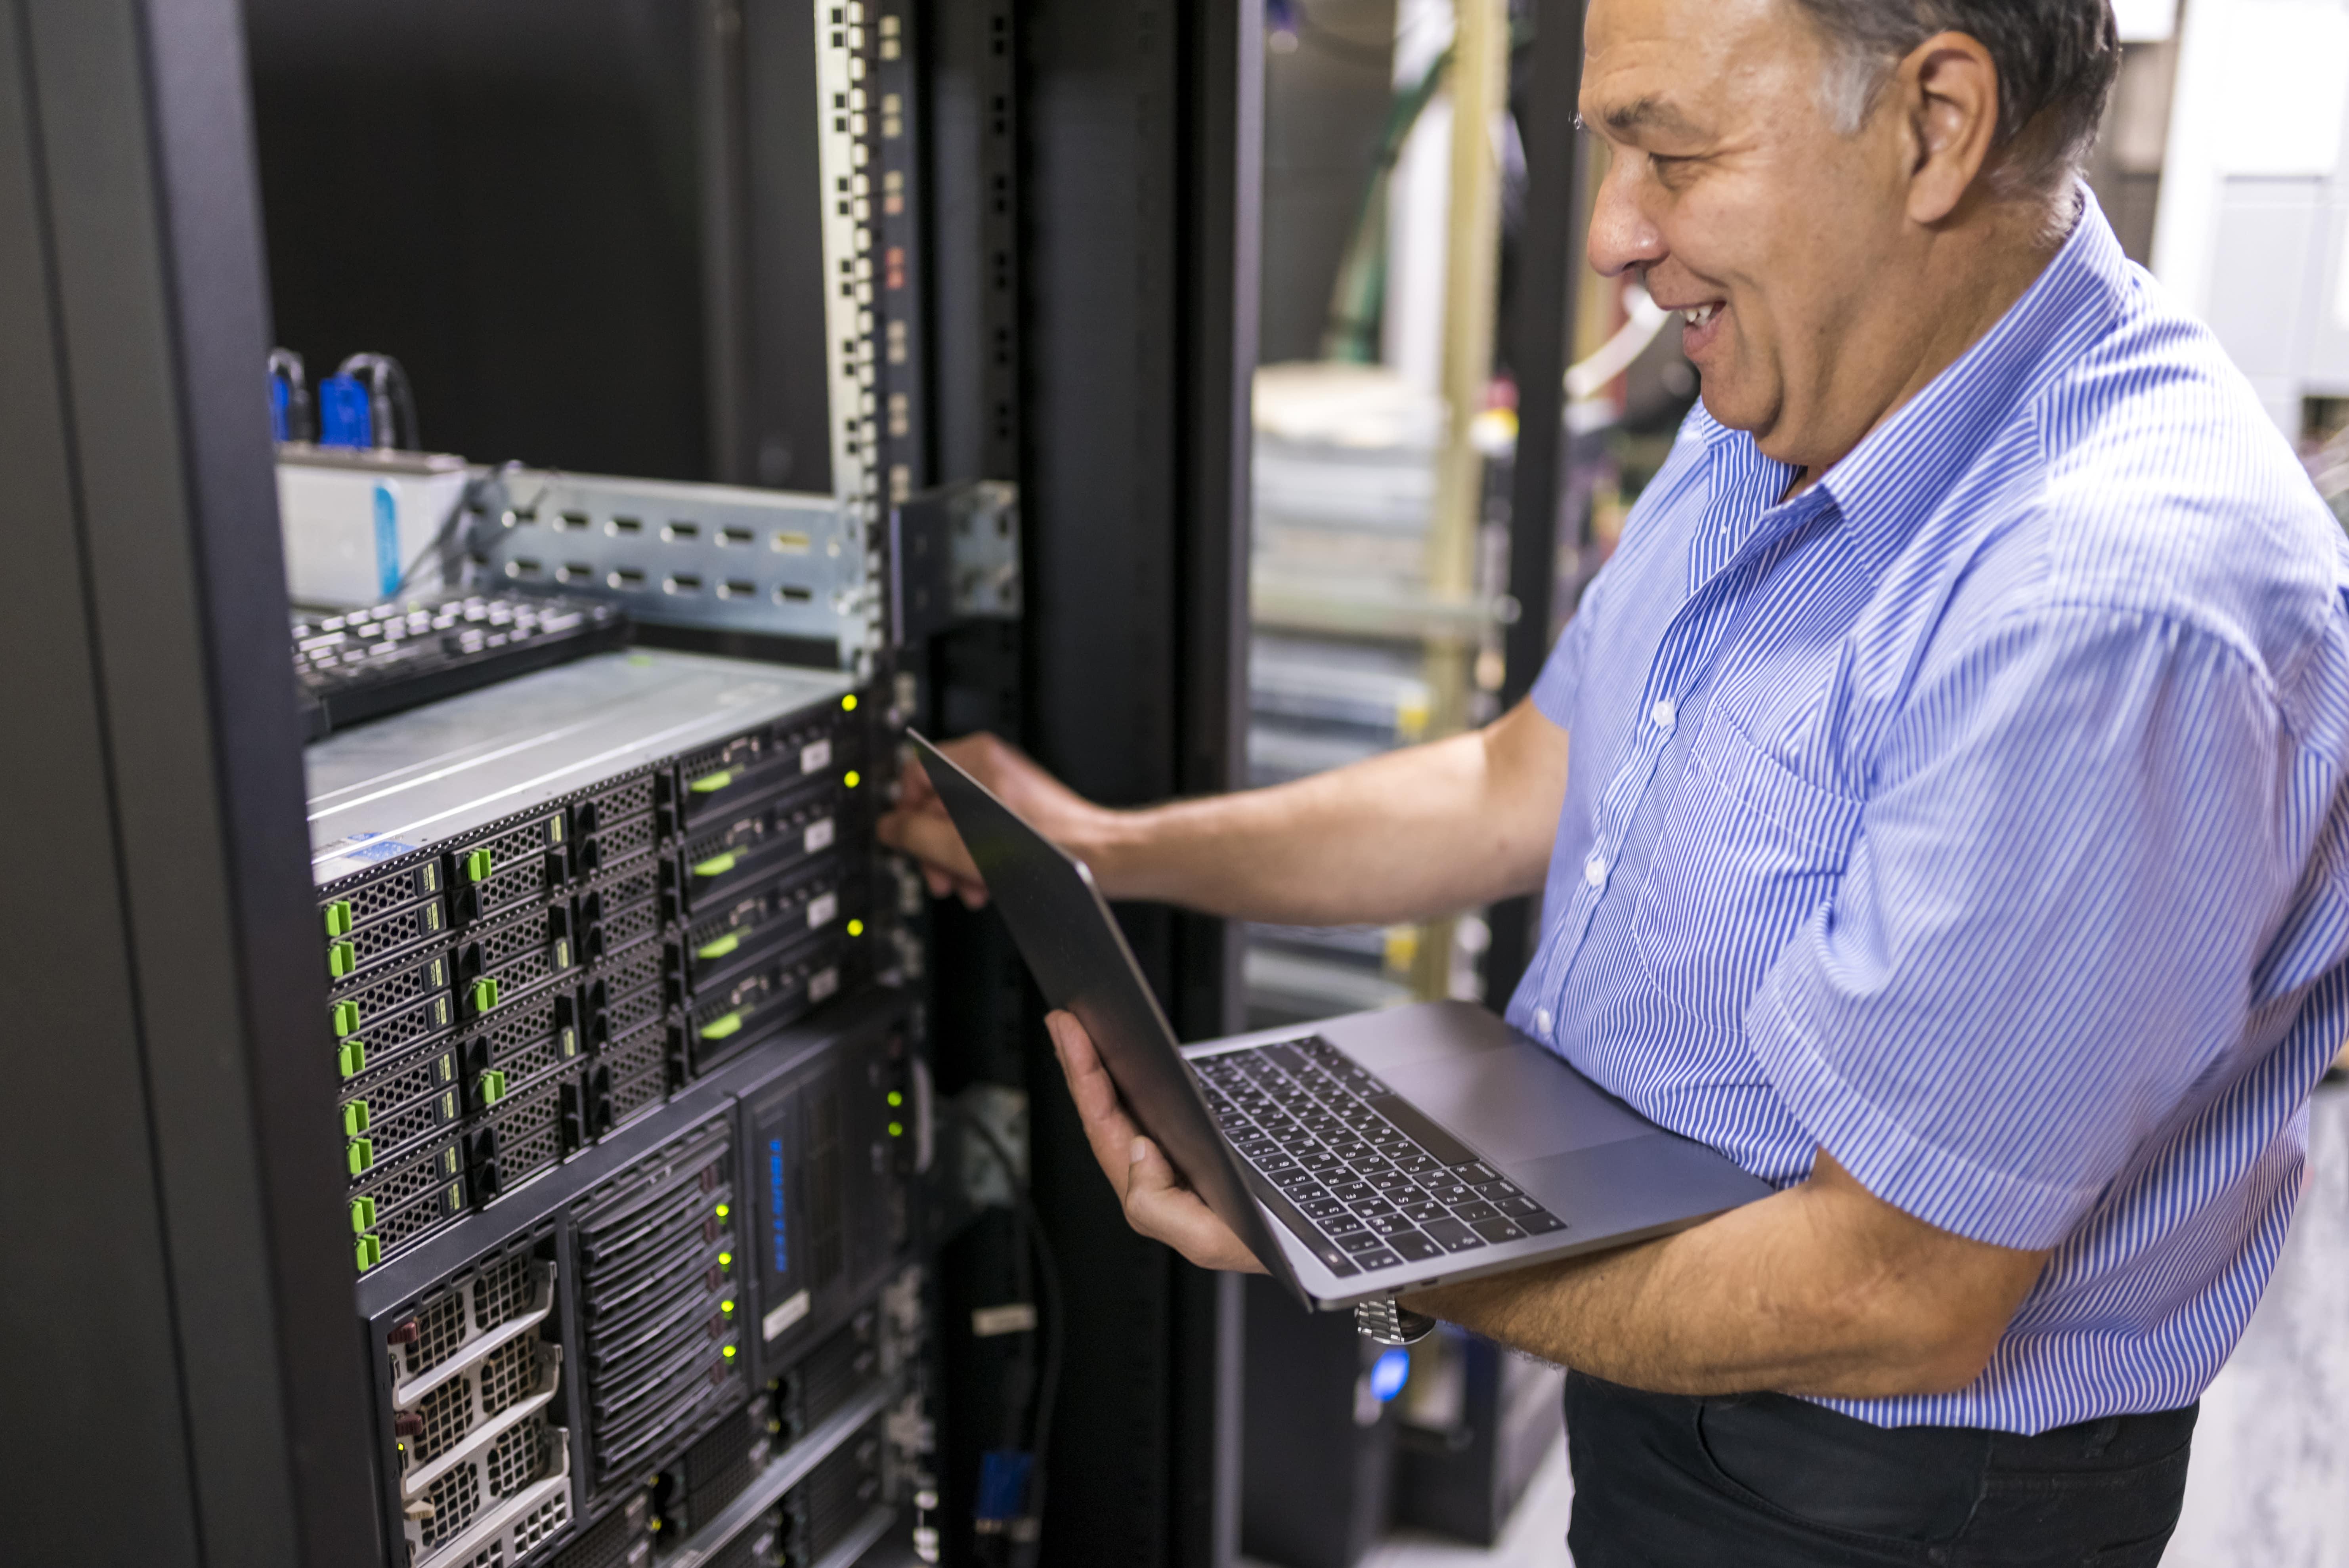 Illustrasjonsbilde. En mann stående ved en rekke servere med en laptop i hånden.